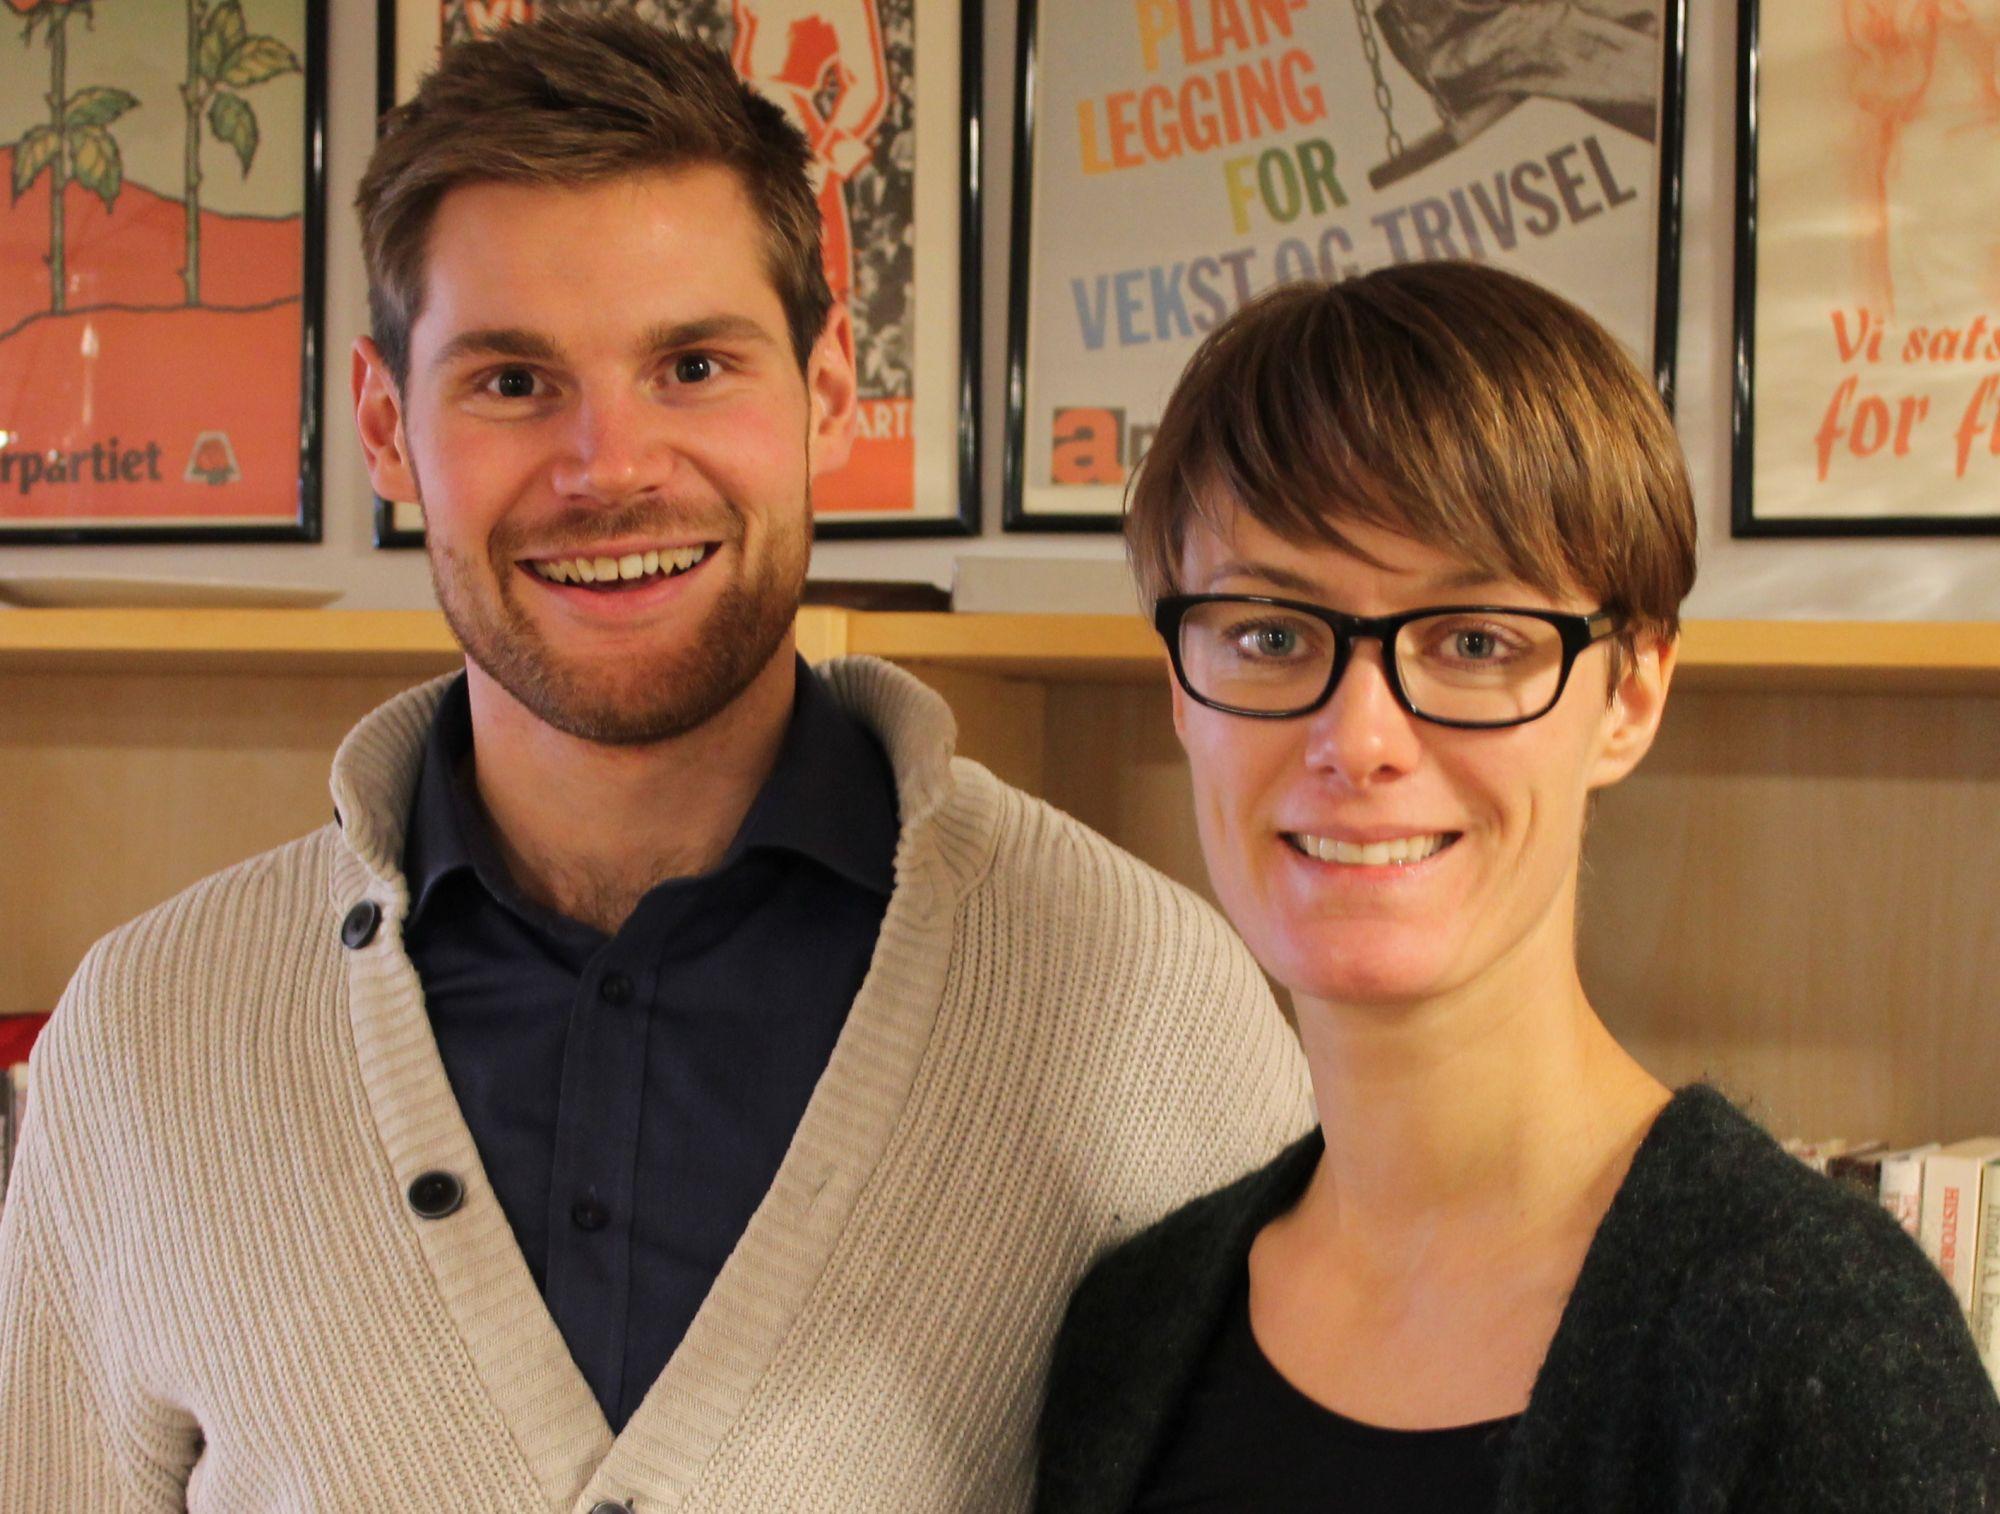 Anette Trettebergstuen og Nils Kristen Sandtrøen. Foto: Bjørn Jarle Røberg-Larsen